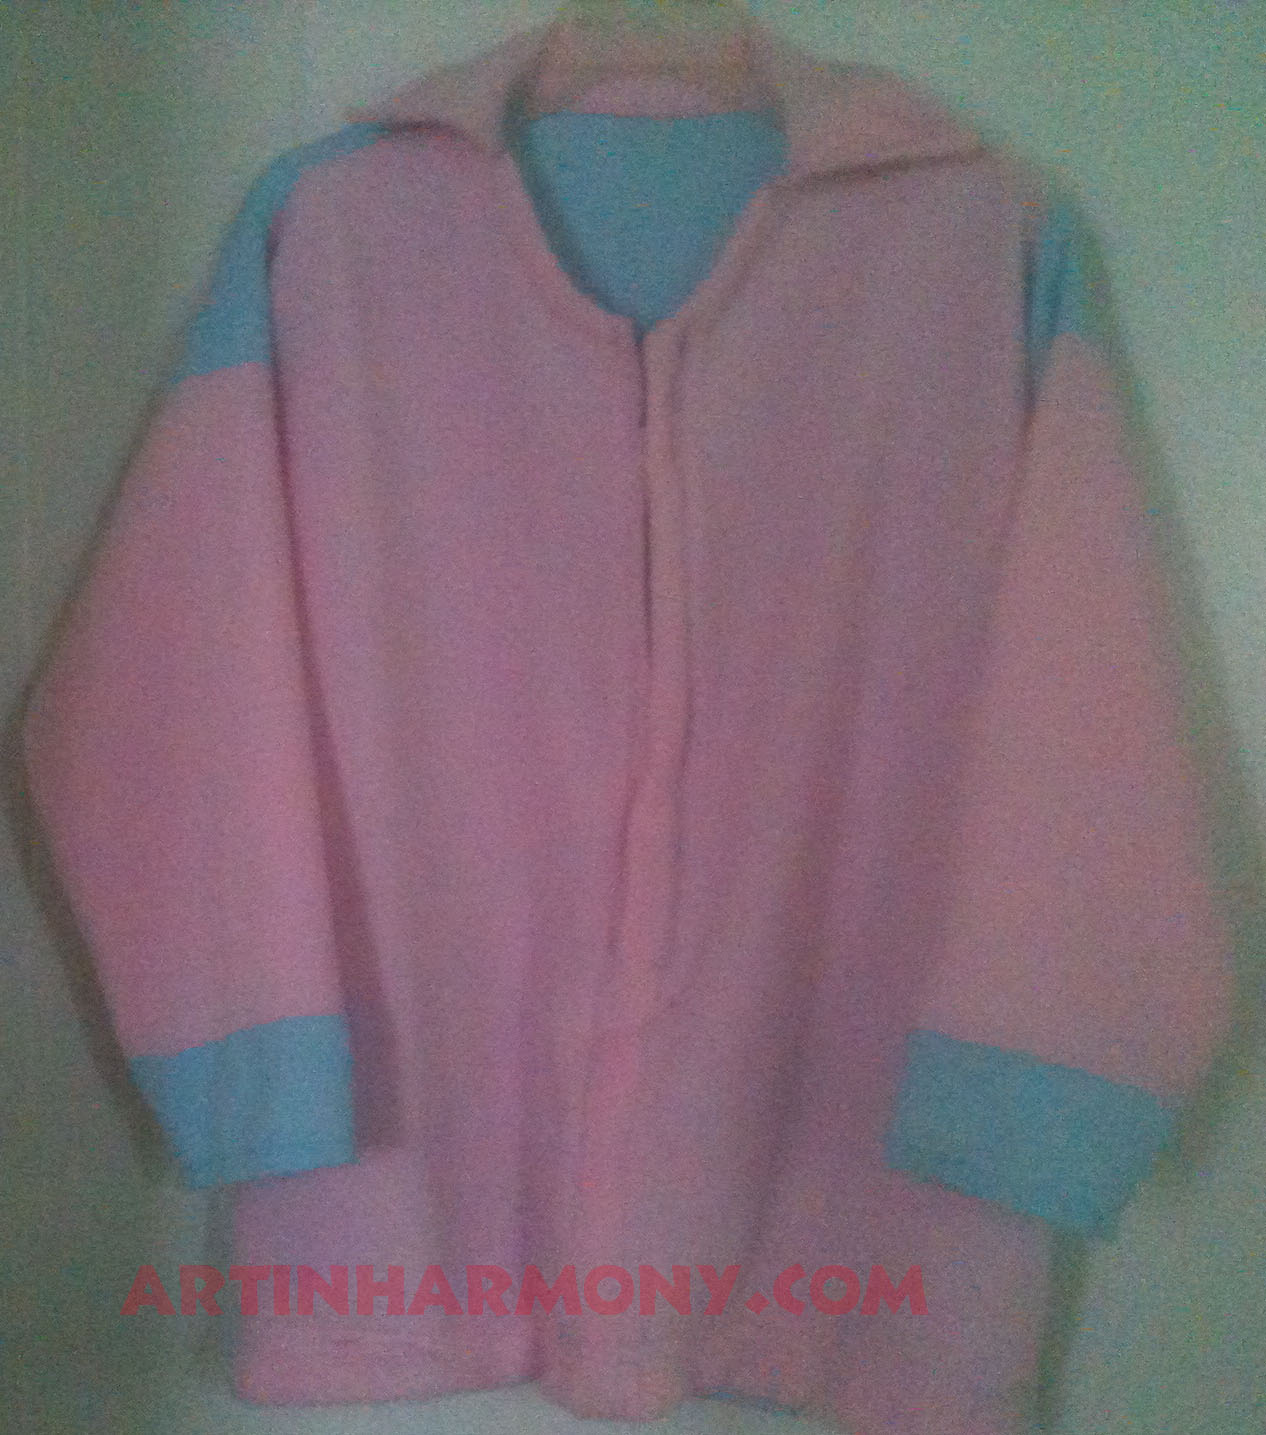 Custom Made Apparels made in USA artinharmony.com